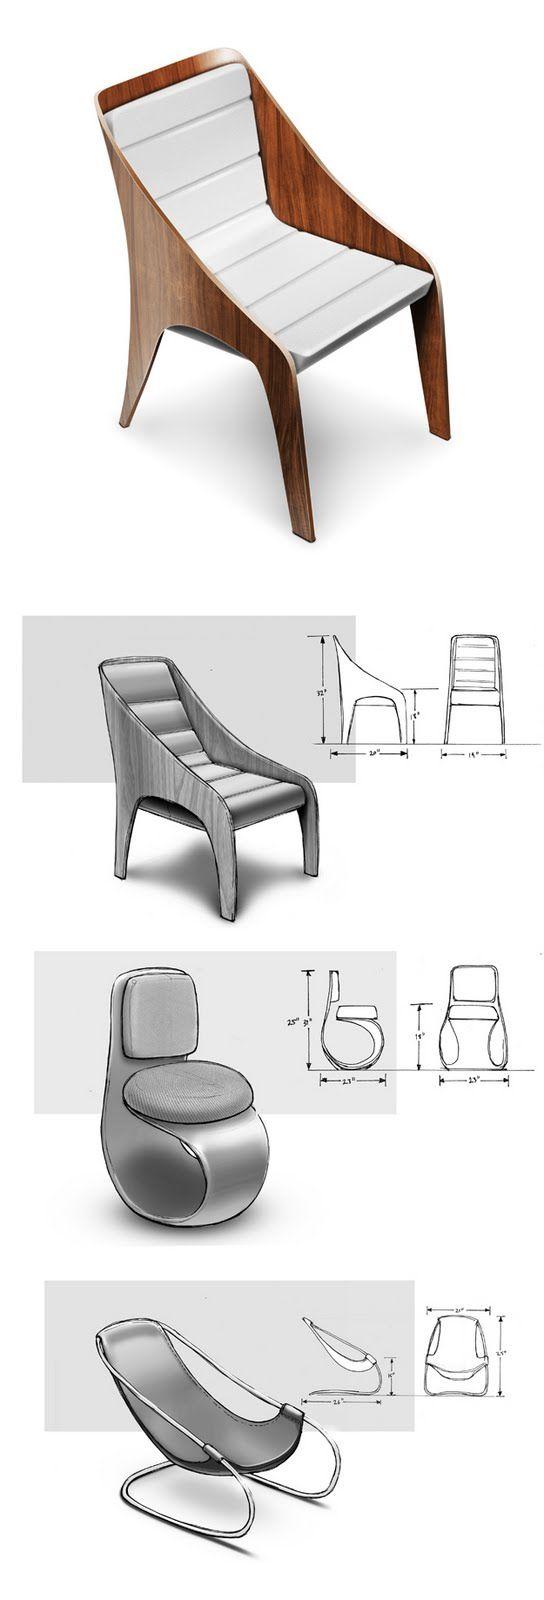 Trabajar haciendo diseños de muebles rústico